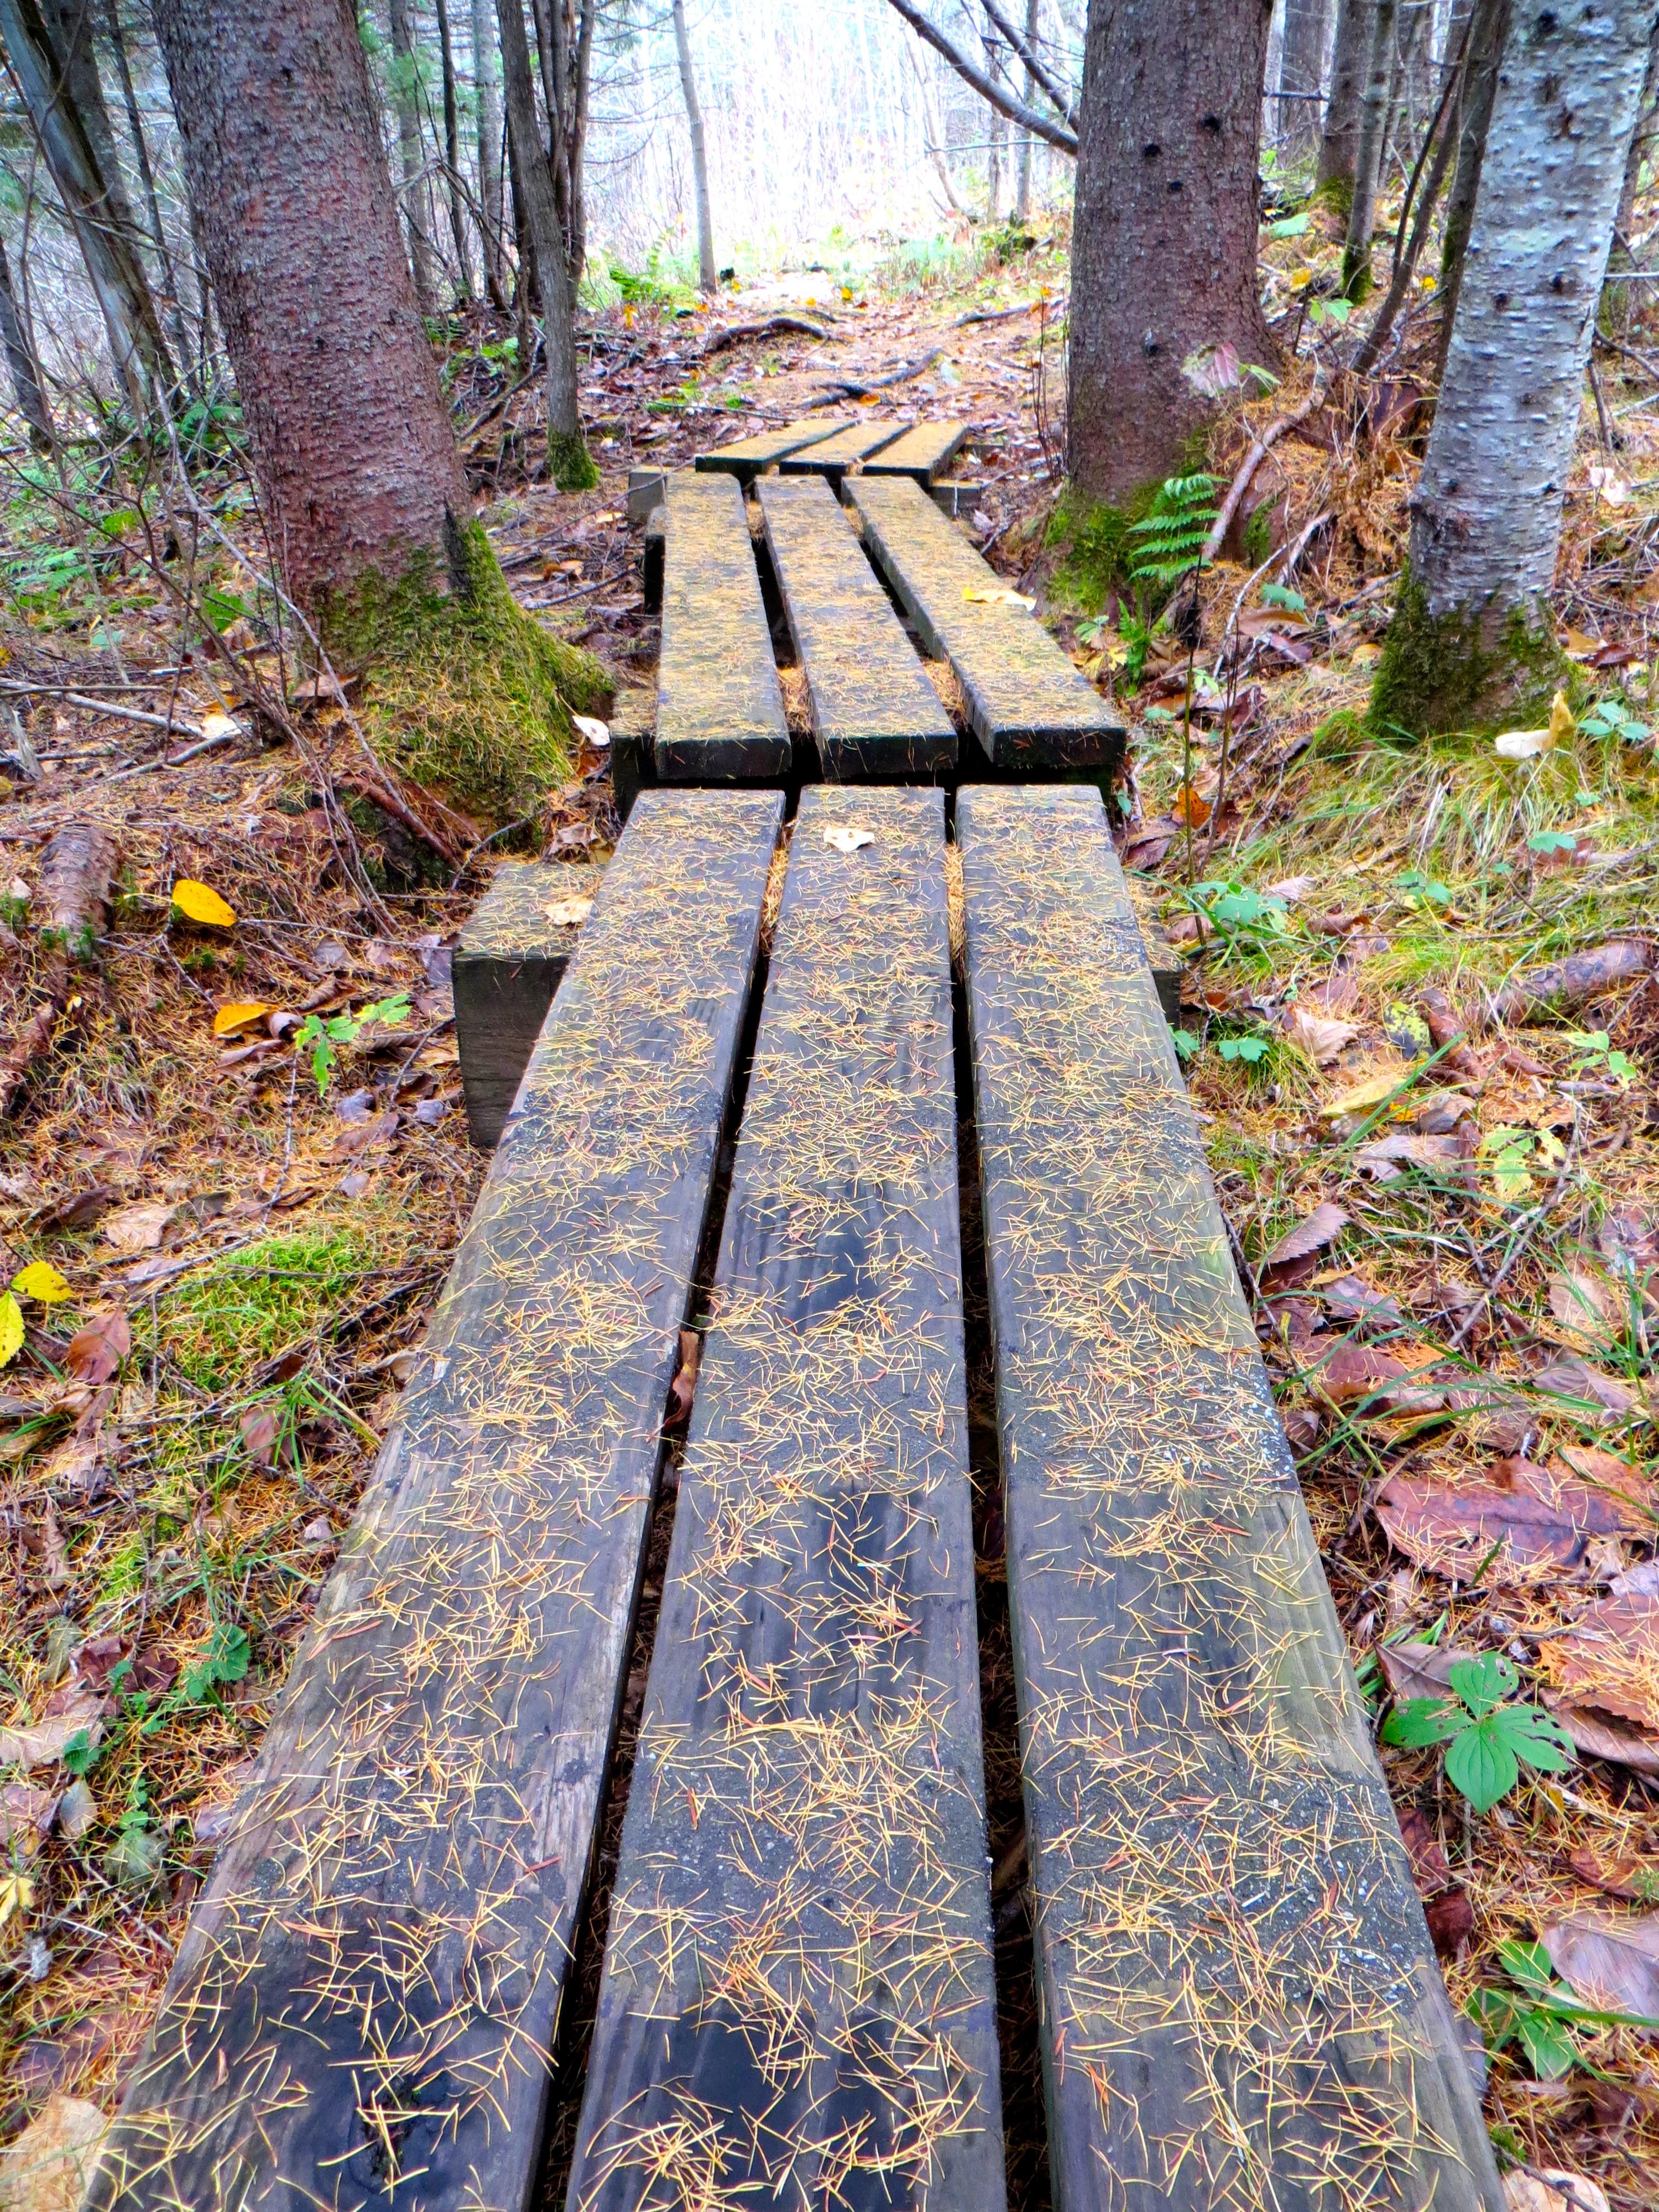 Tamarack needles on the trail